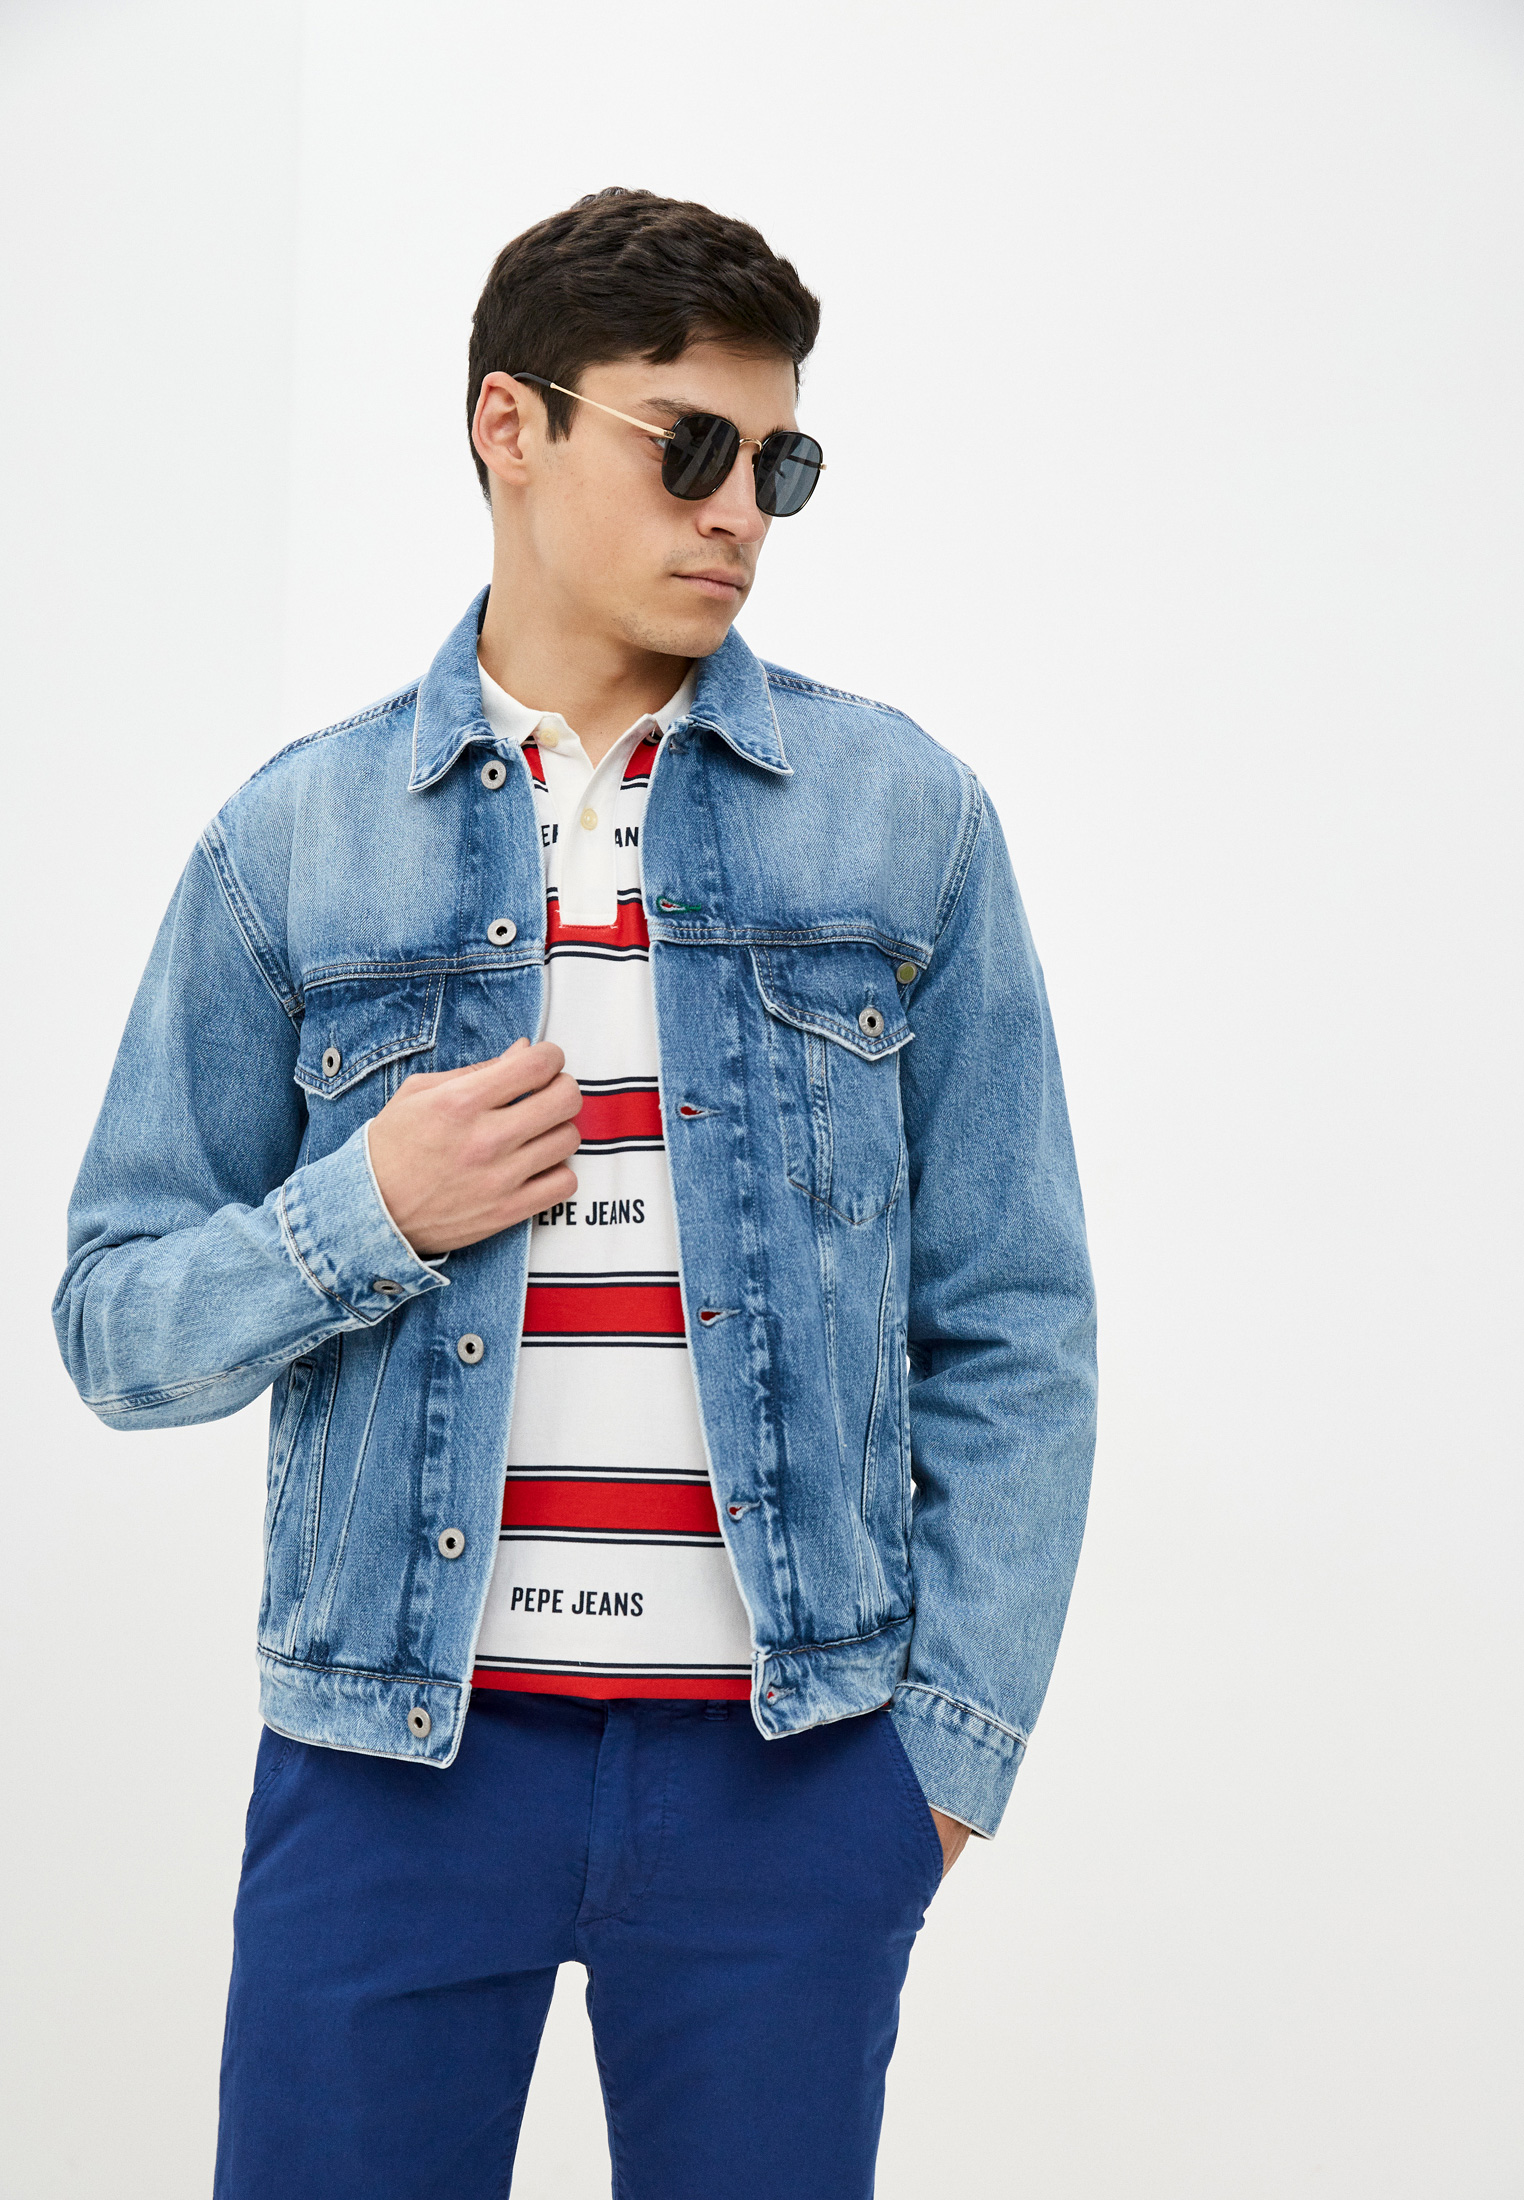 Джинсовая куртка Pepe Jeans (Пепе Джинс) Куртка джинсовая Pepe Jeans